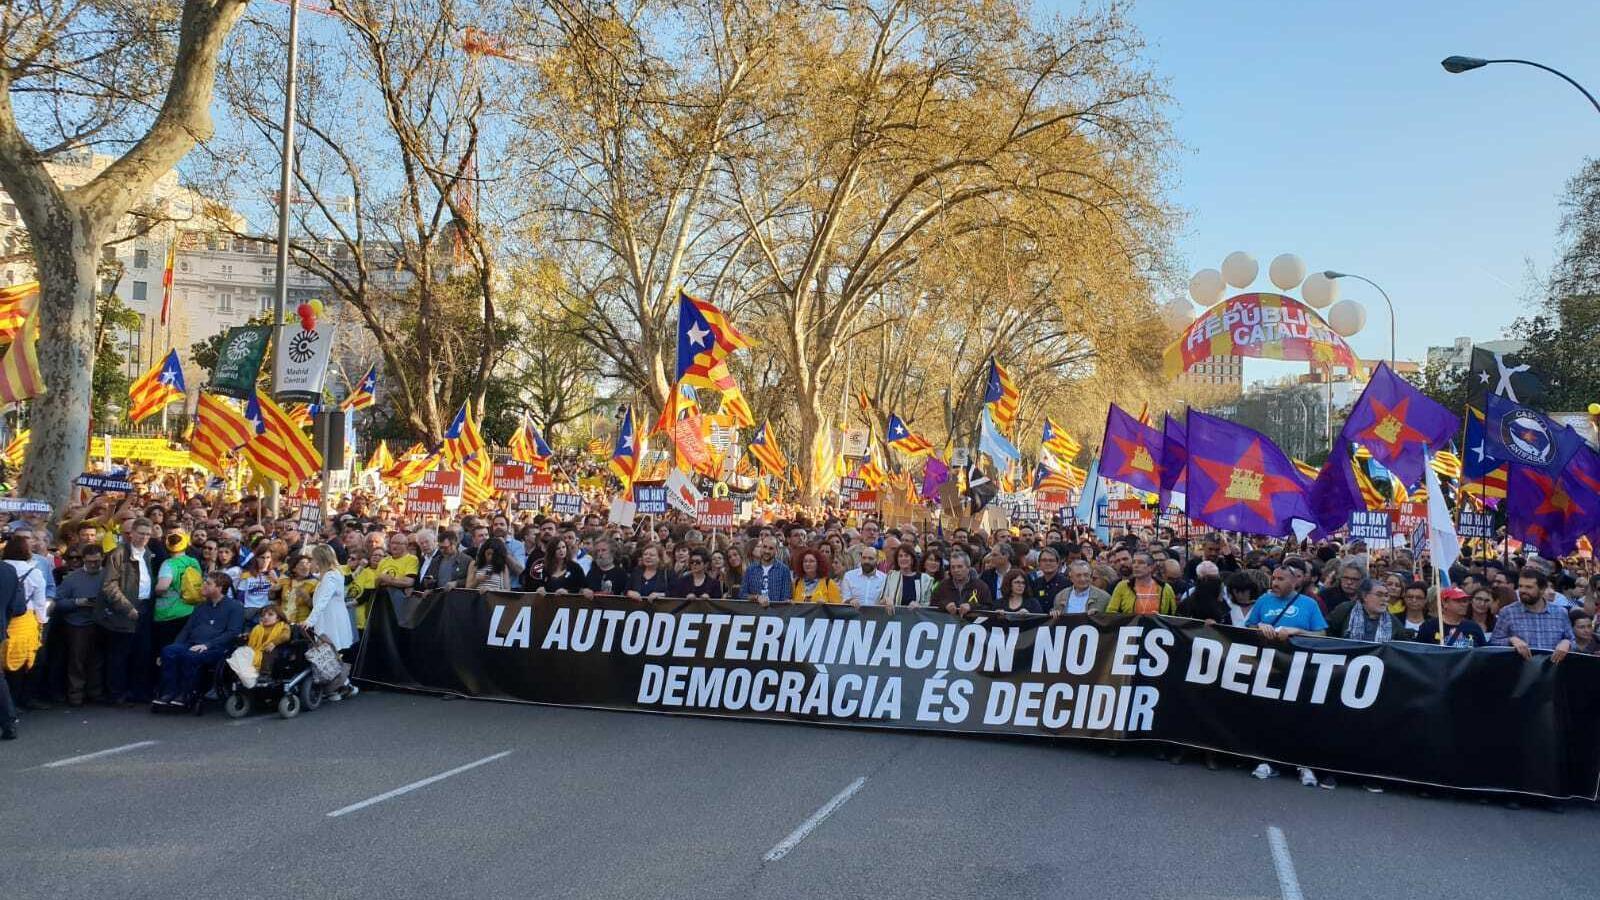 Madrid clama pel dret d'autodeterminació i contra la repressió a l'independentisme